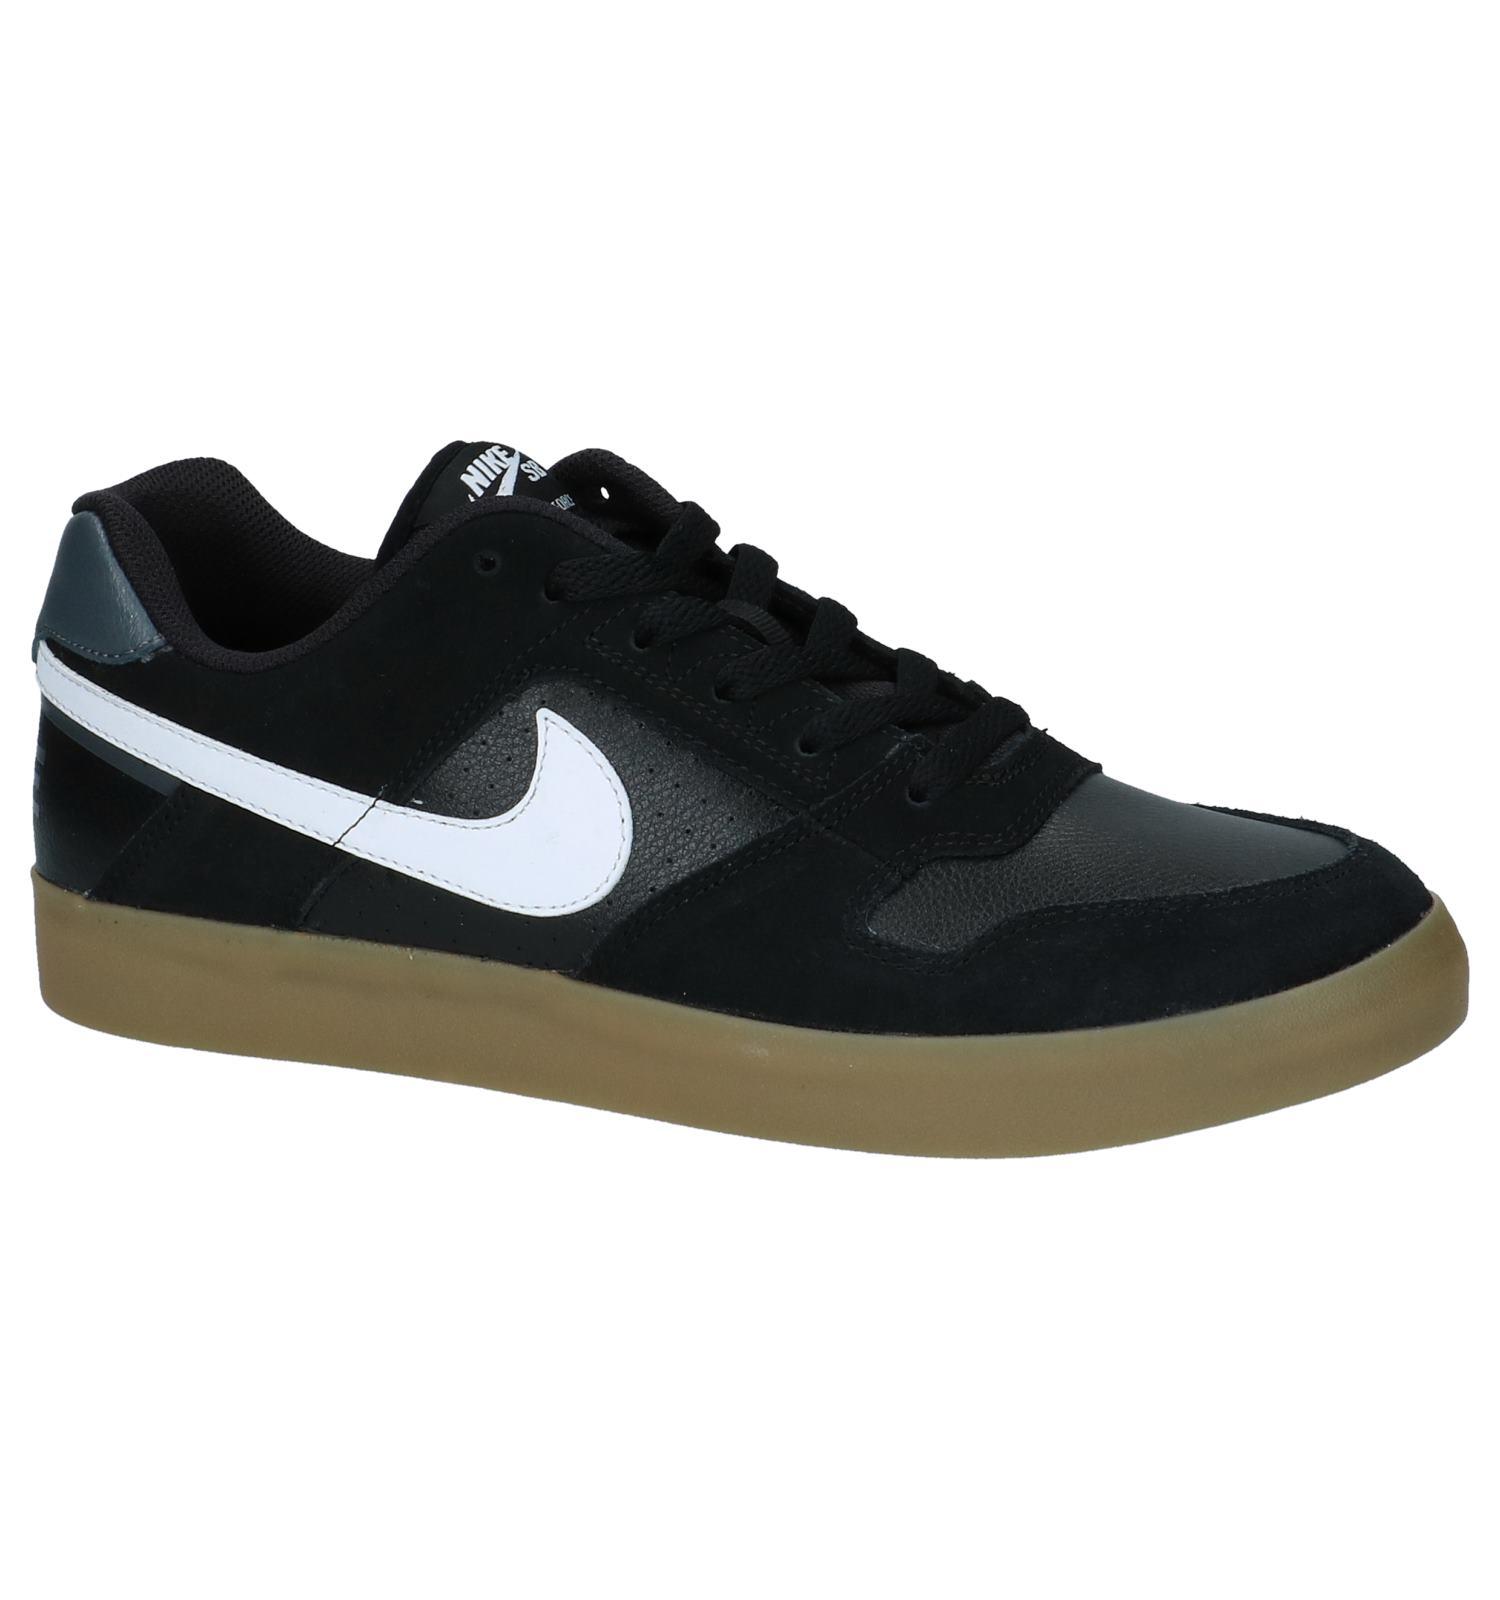 cheaper 3fa61 8d653 Zwarte Skateschoenen Nike SB Delta Force Vulc | TORFS.BE | Gratis verzend  en retour